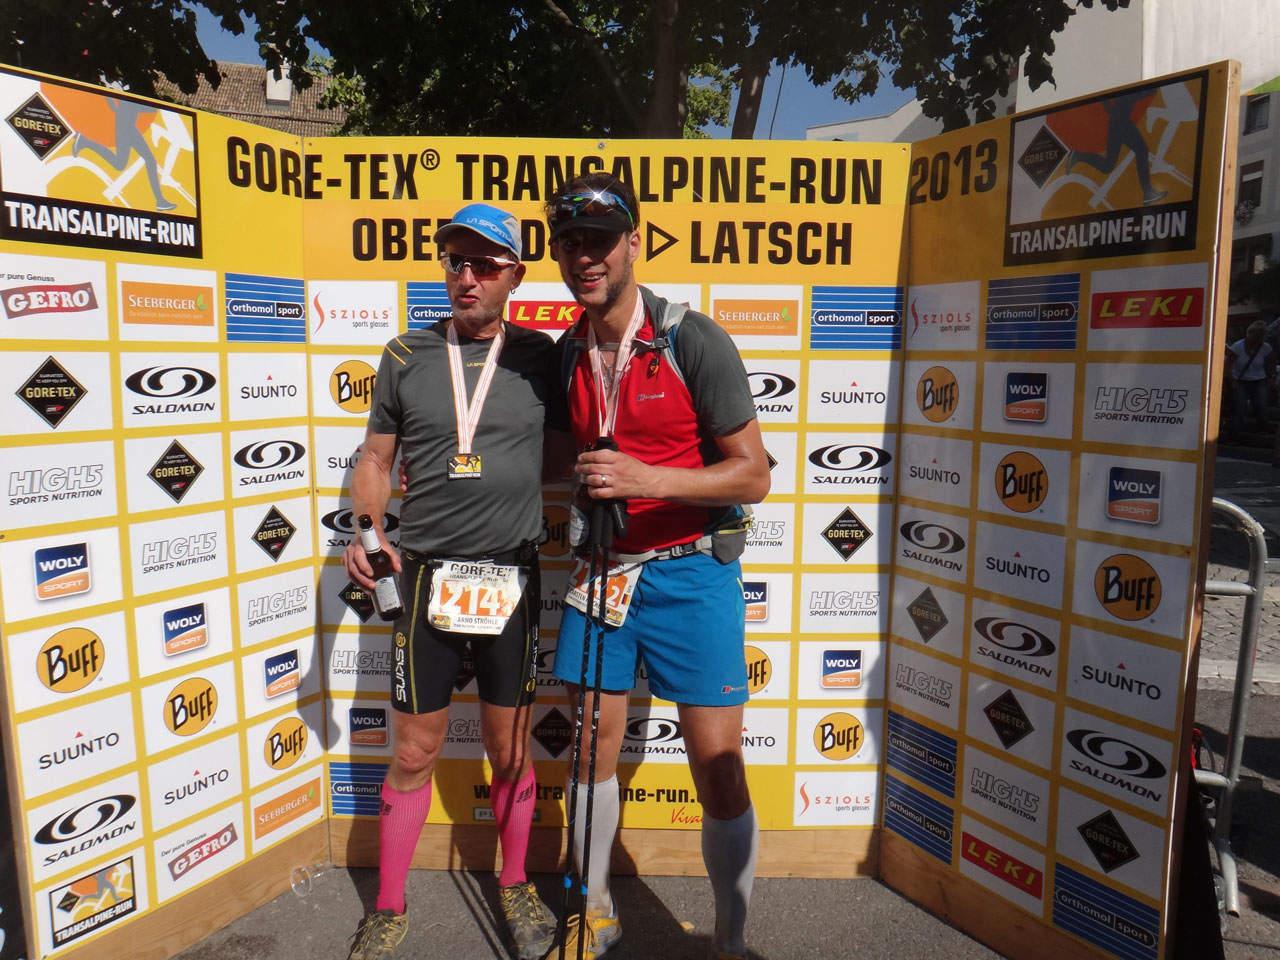 transalpine-run-2013-finisher